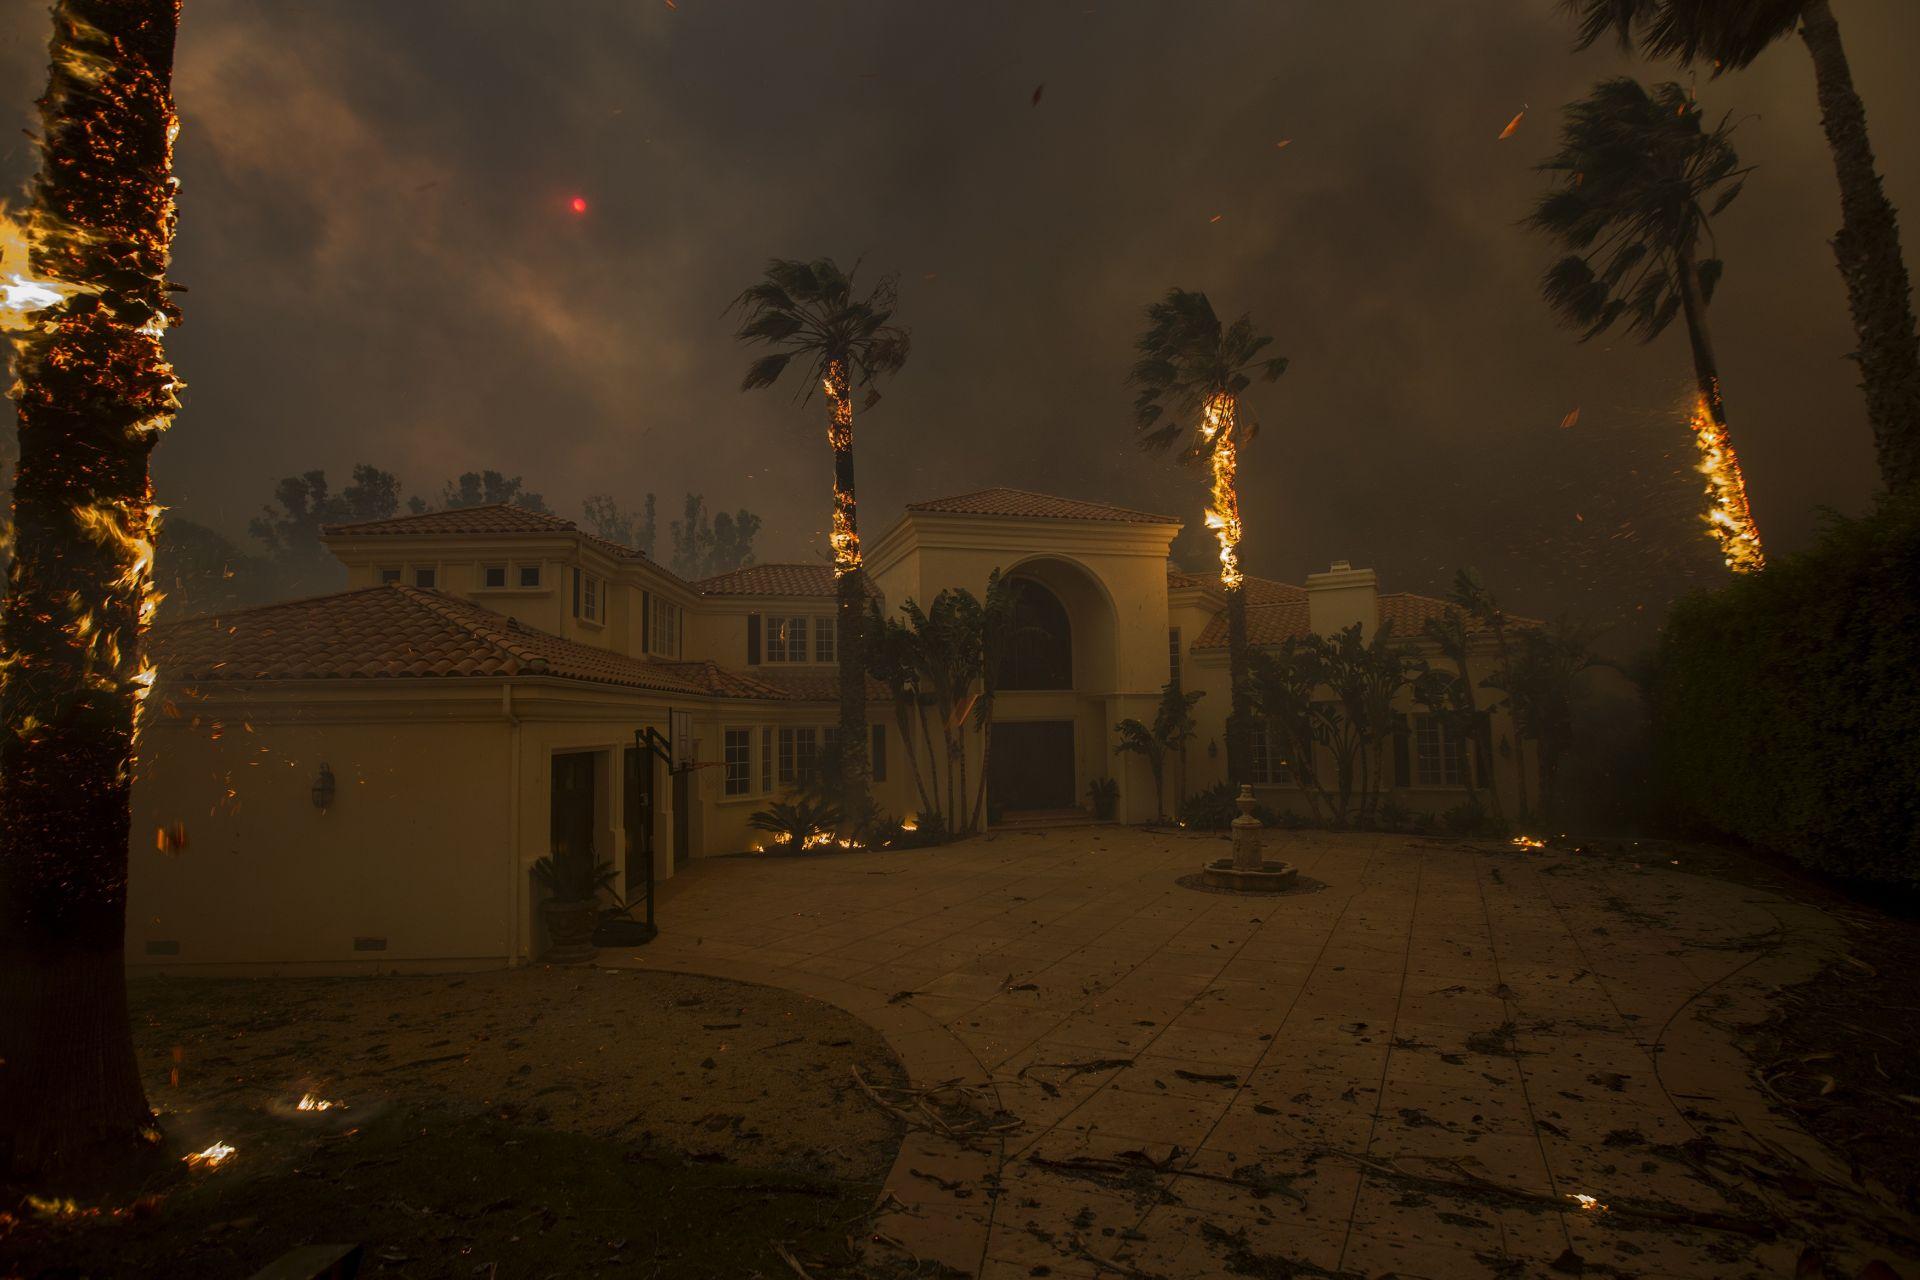 9 ноември - гори къща в Малибу. Смъртоносни пожари удариха с още по-голяма сила щата Калифорния